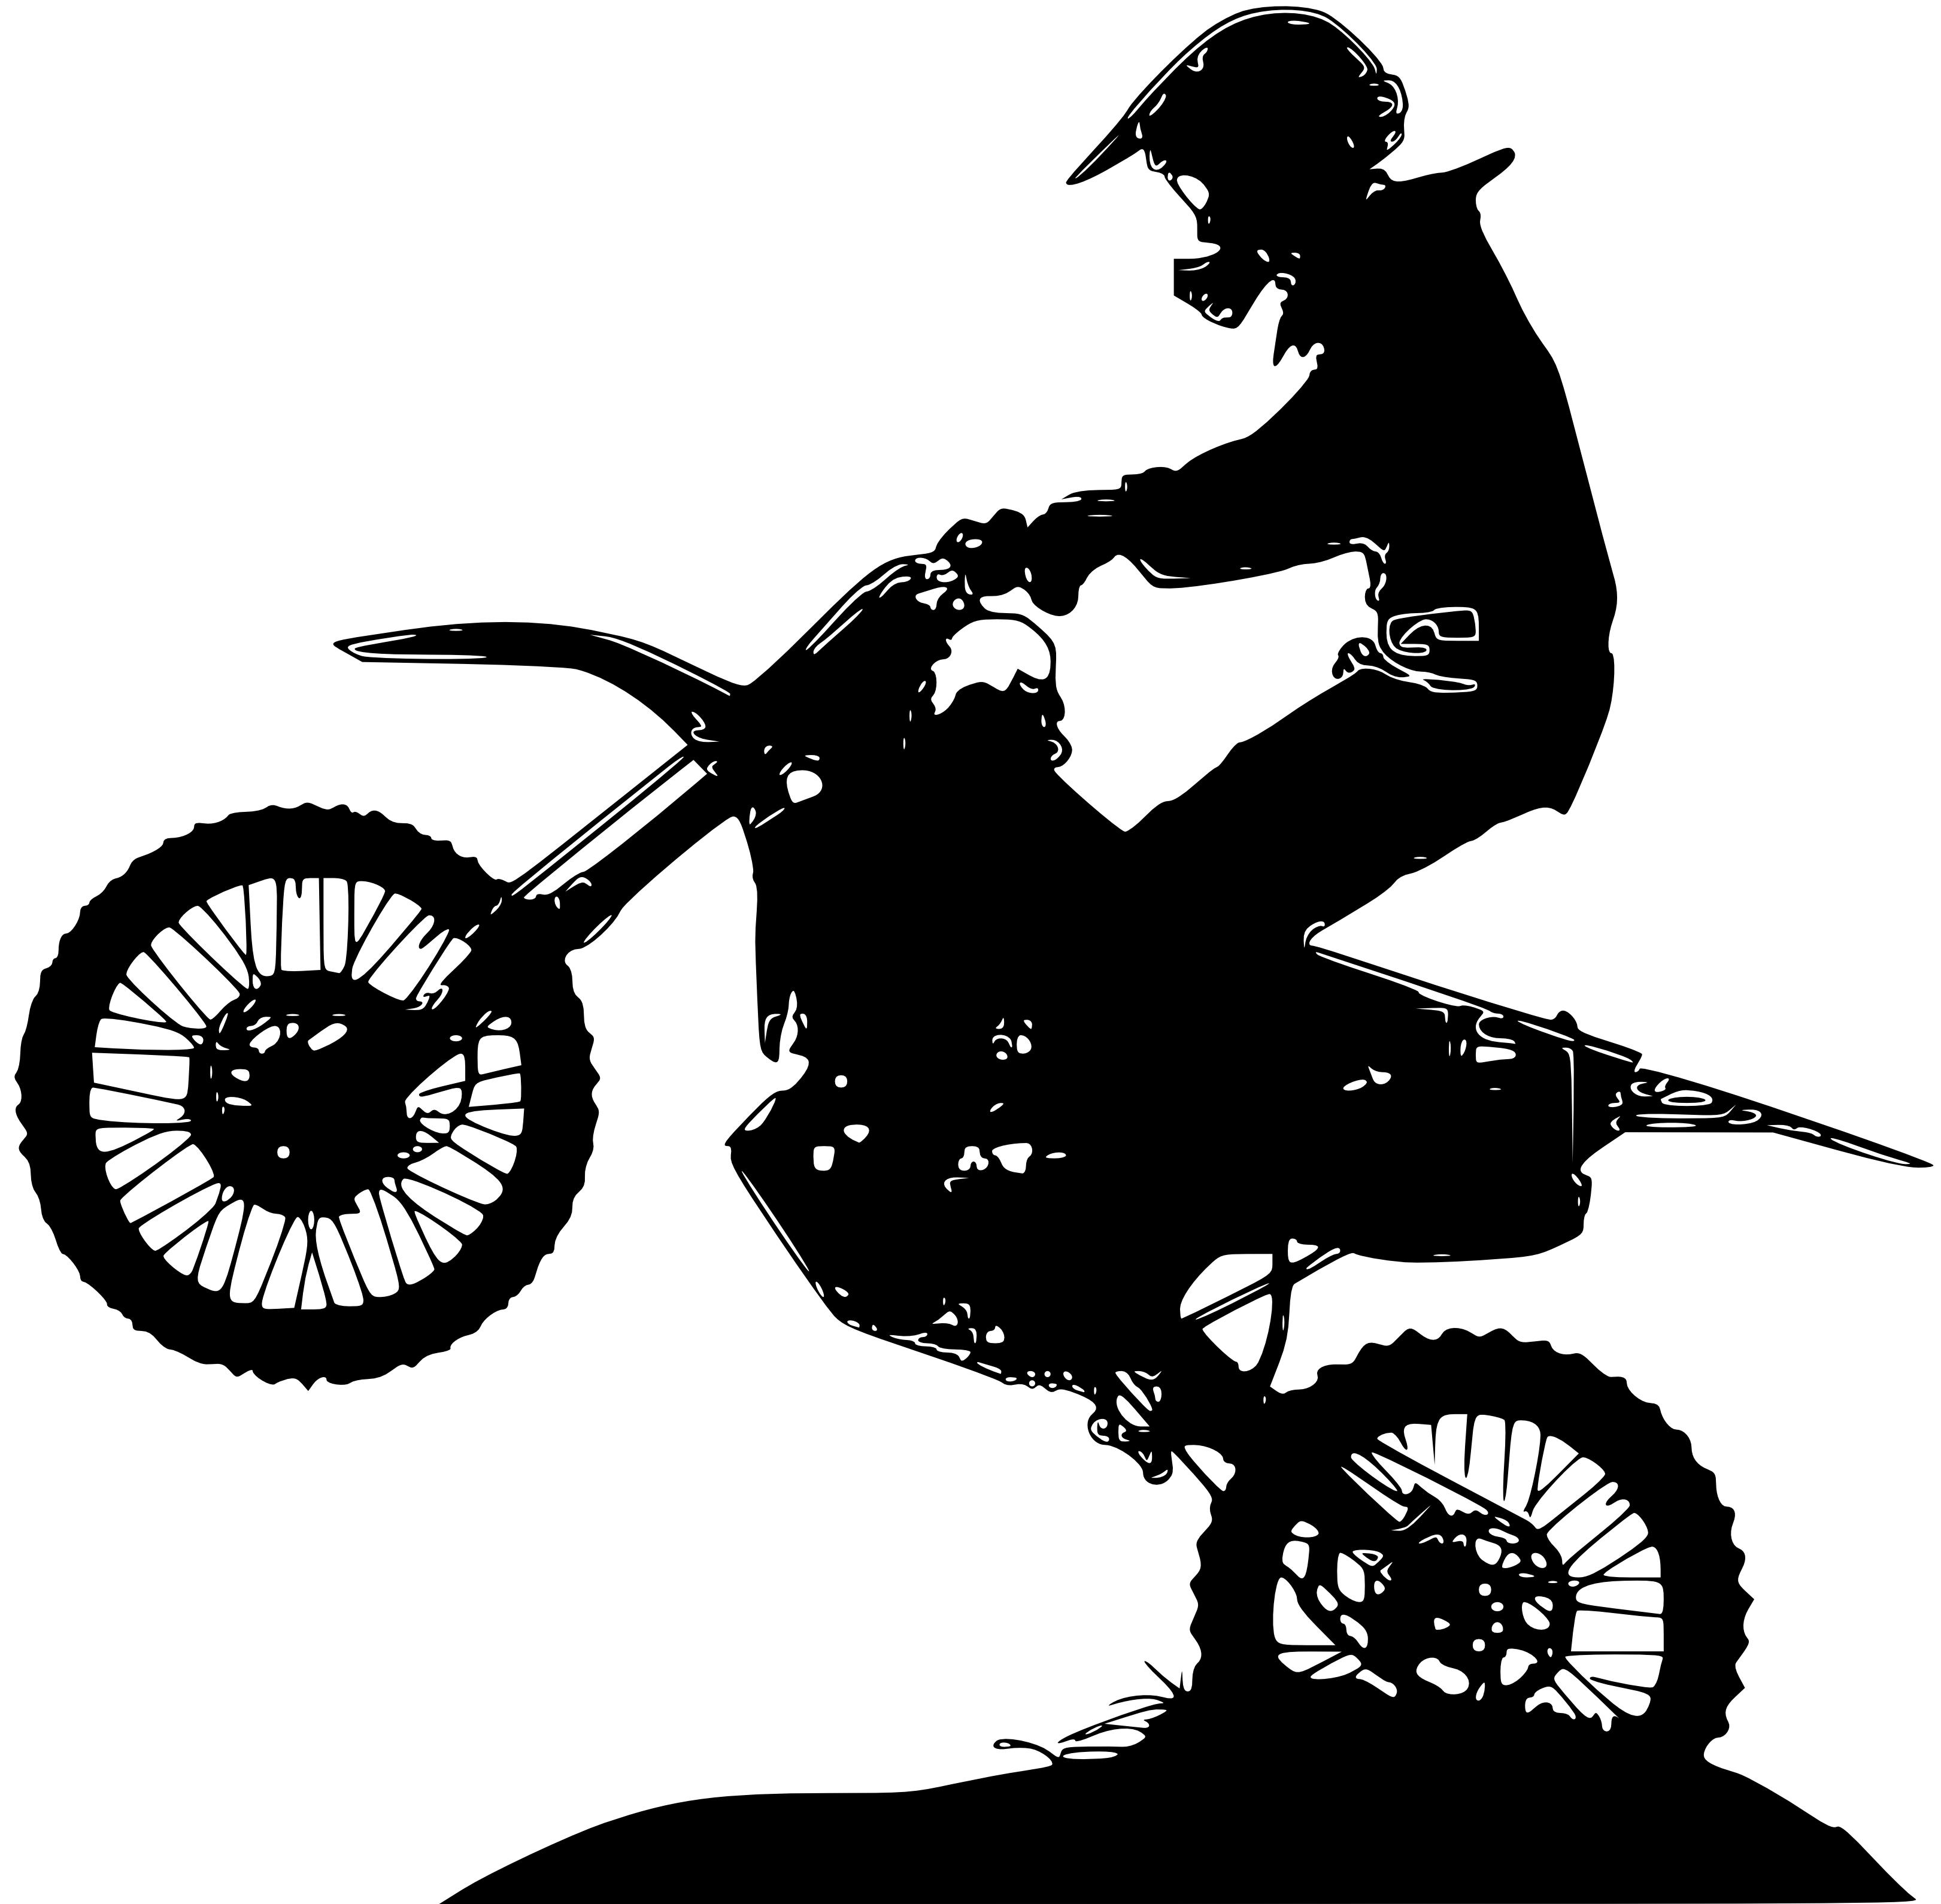 Creation Originale Par Taha Elhamed Desenhos De Motocross Desenho De Moto Empinando Desenho Moto